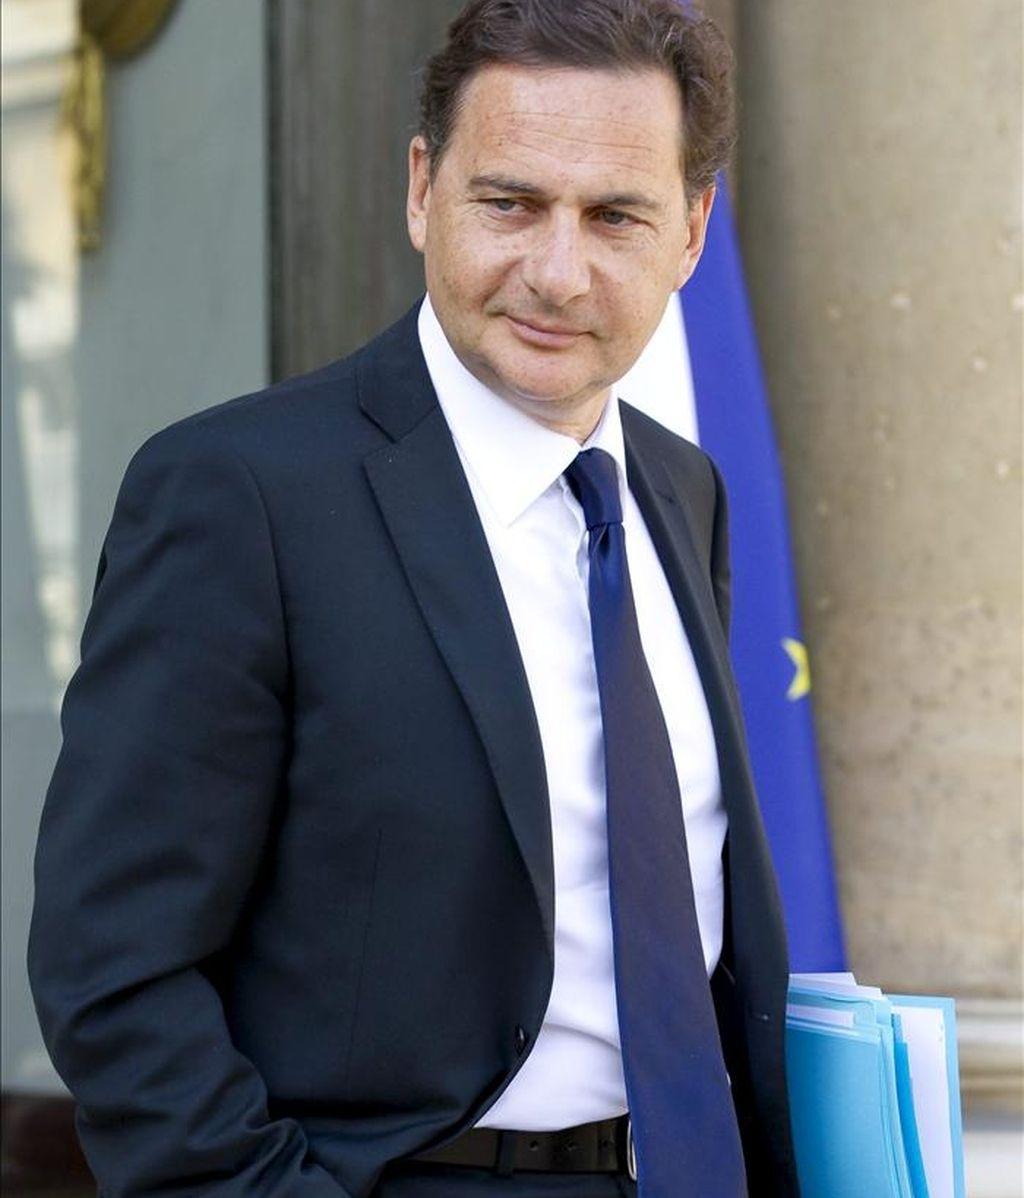 En la imagen, el ministro francés de Industria, Éric Besson. EFE/Archivo